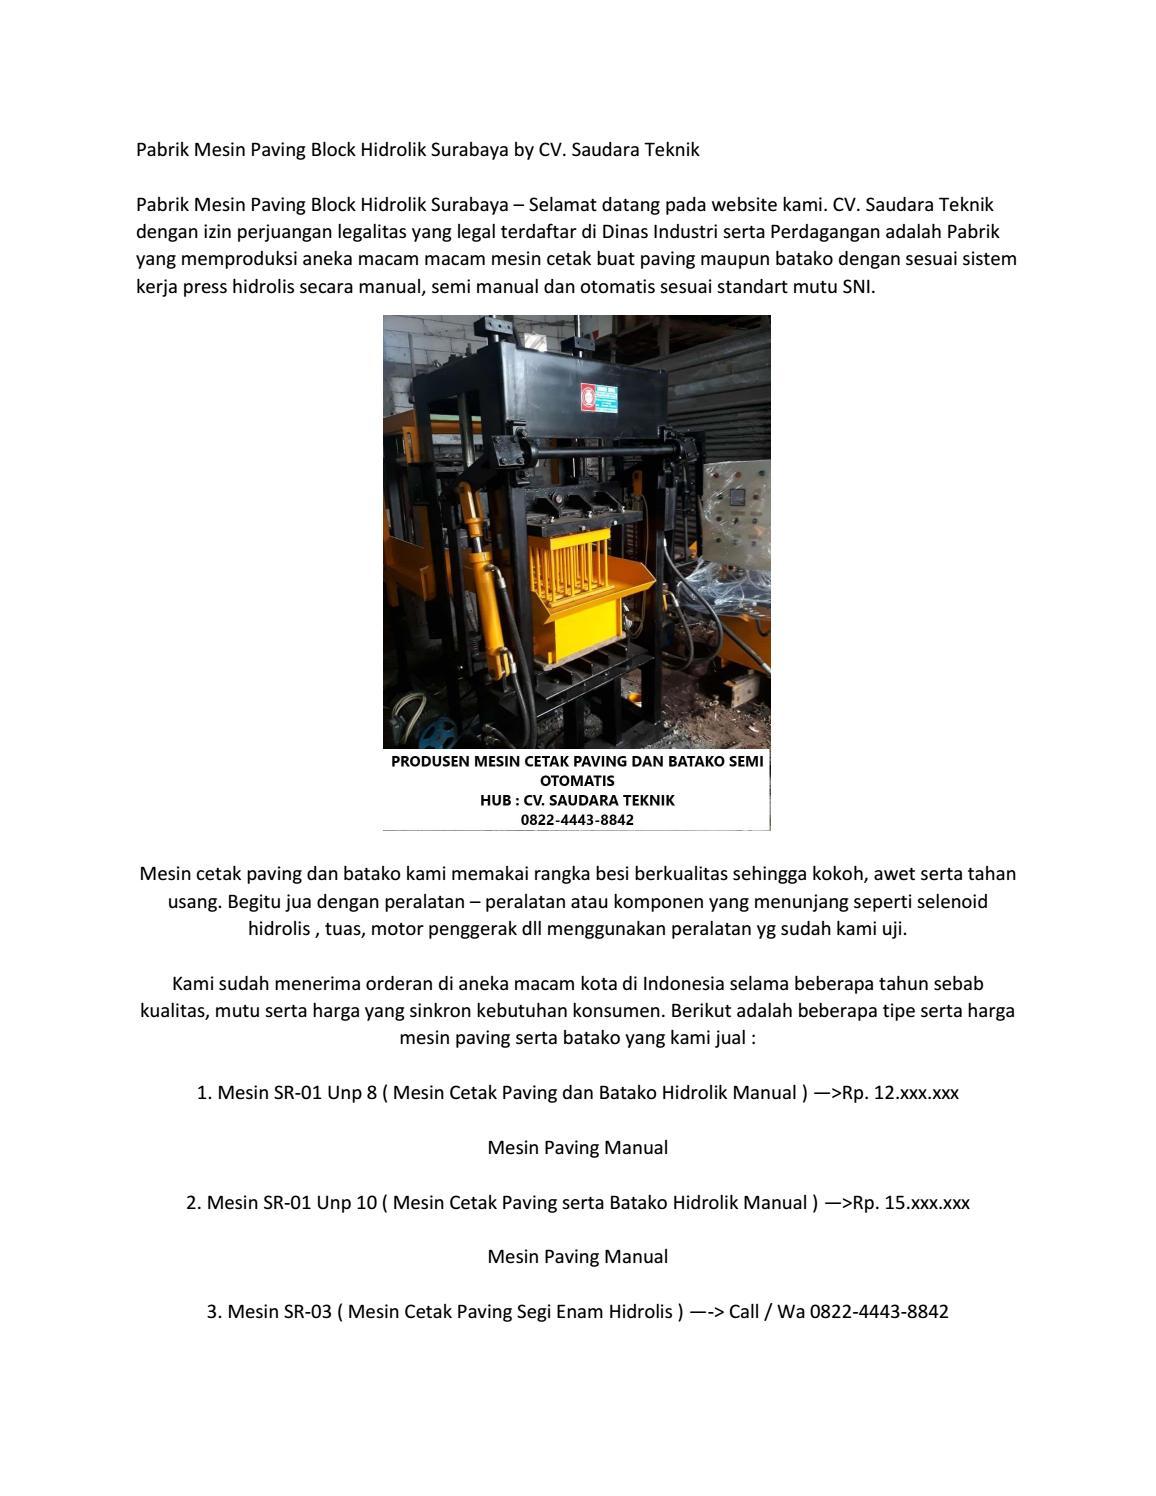 Call 082244438842 , Harga mesin paving block Tarakan, Harga mesin paving hidrolik Banjarbaru by ...